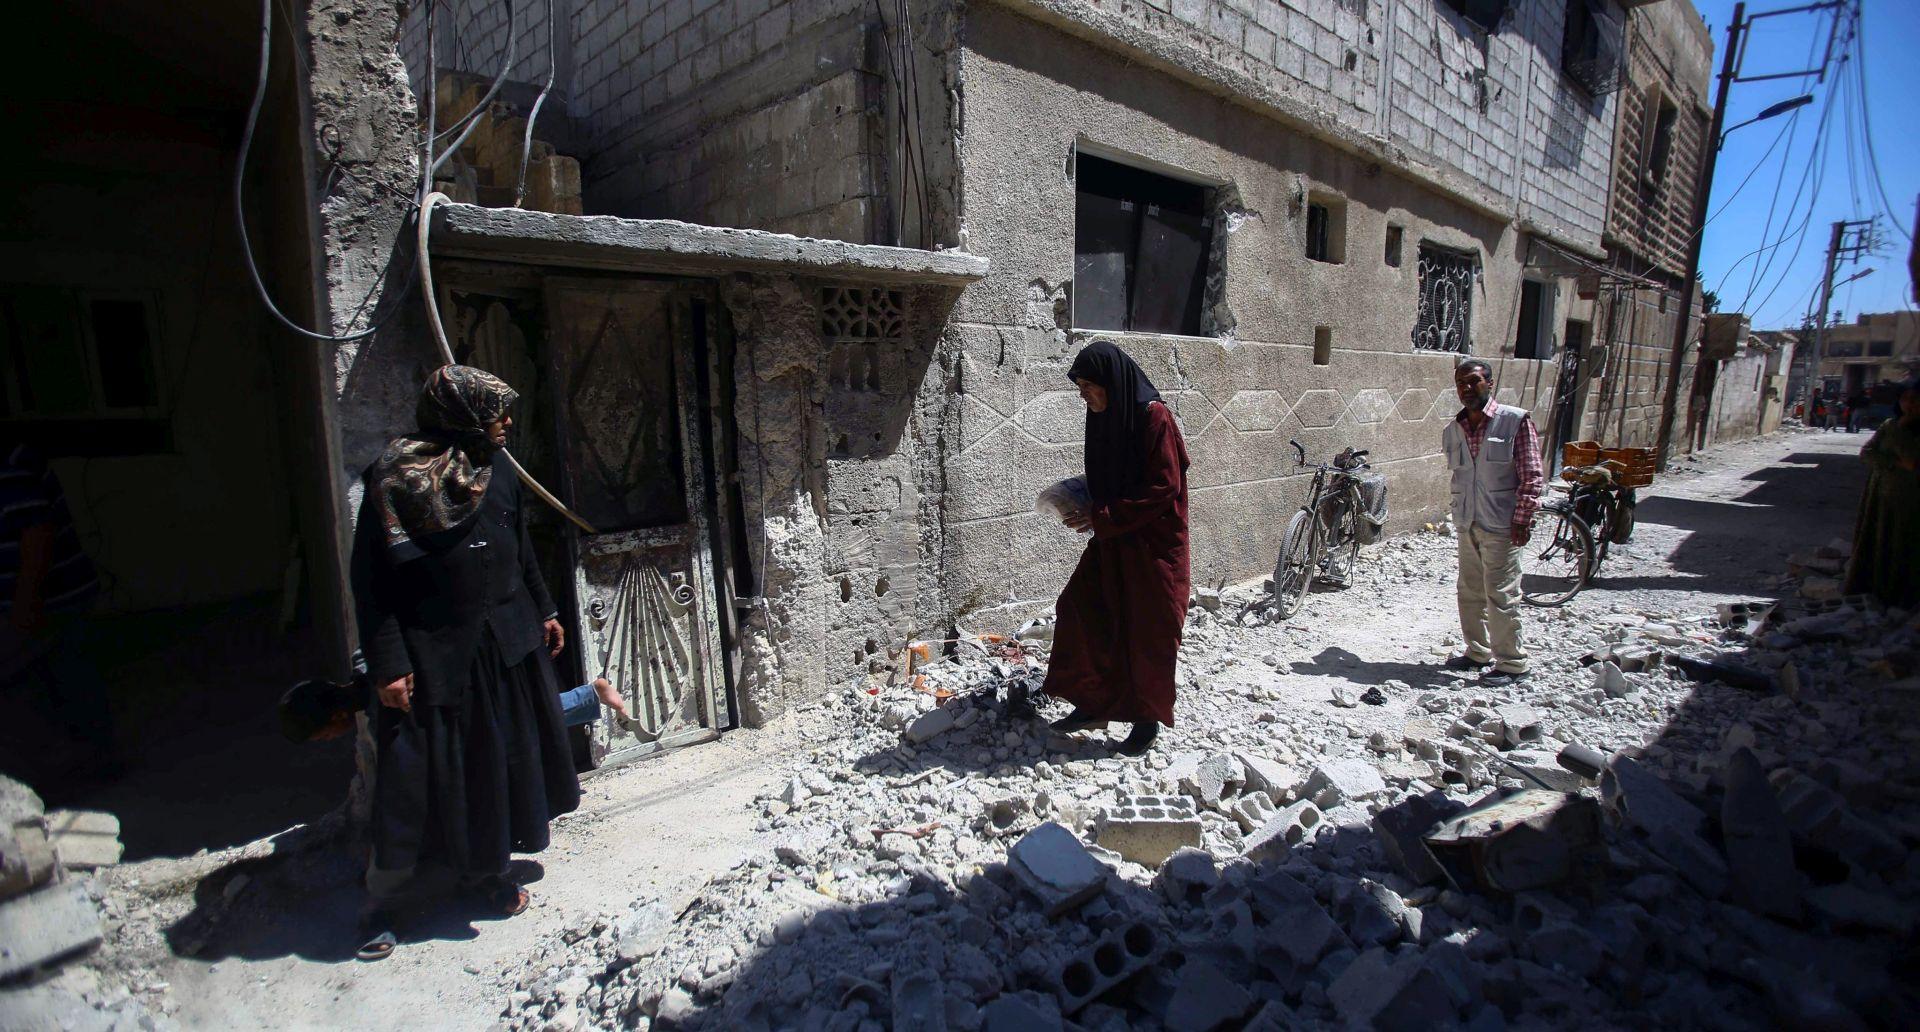 Sirija: Nakon napada IS-a, nestalo 250 djelatnika tvornice